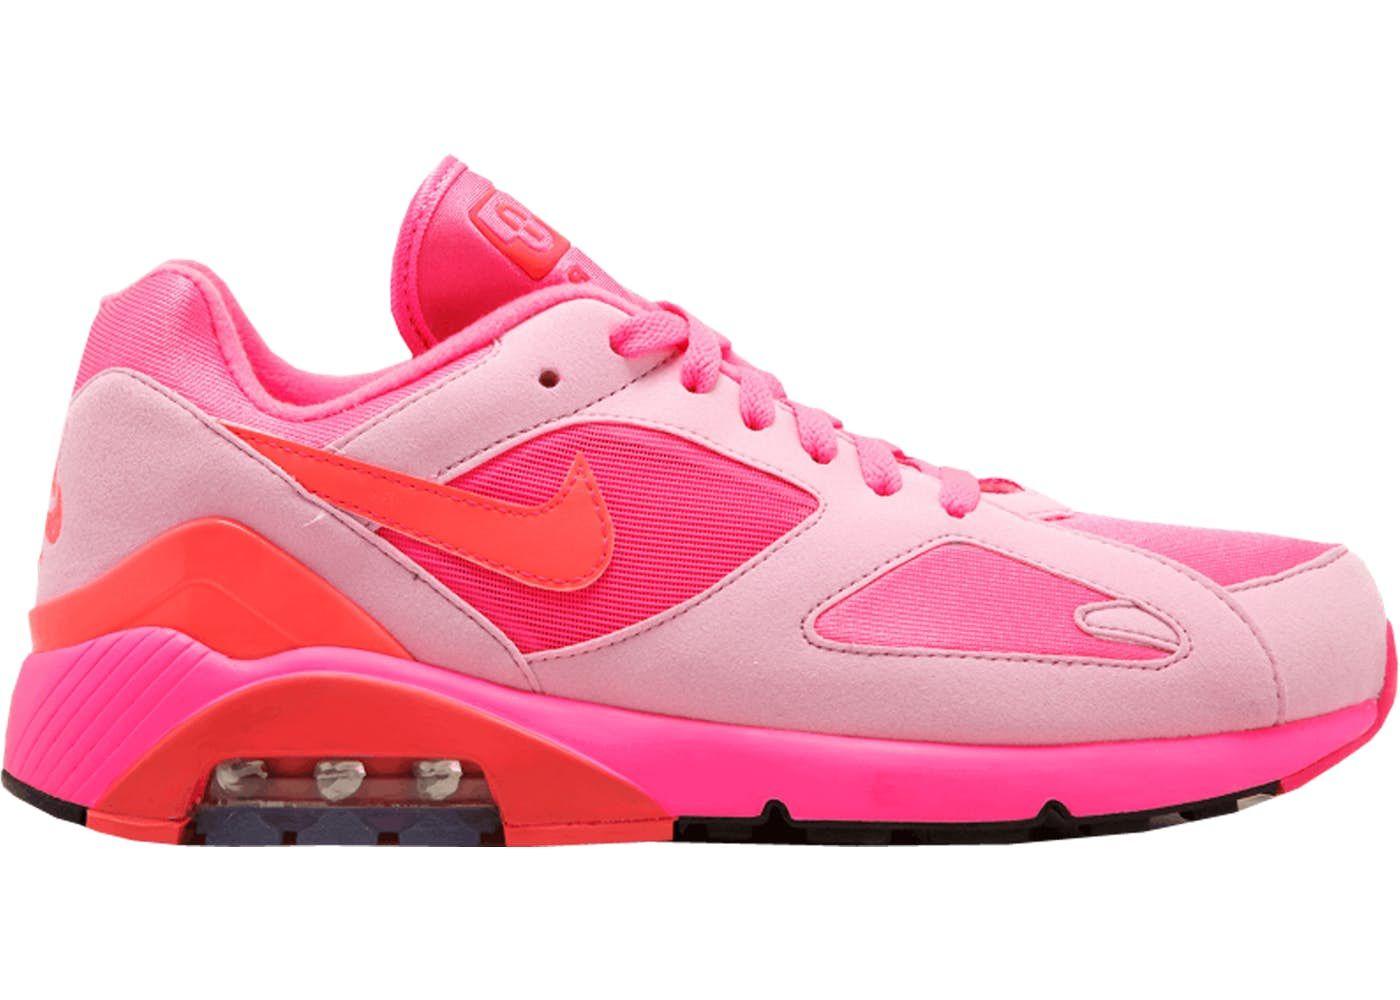 super popular 18ed4 4c0d4 Air Max 180 Comme des Garcons Pink